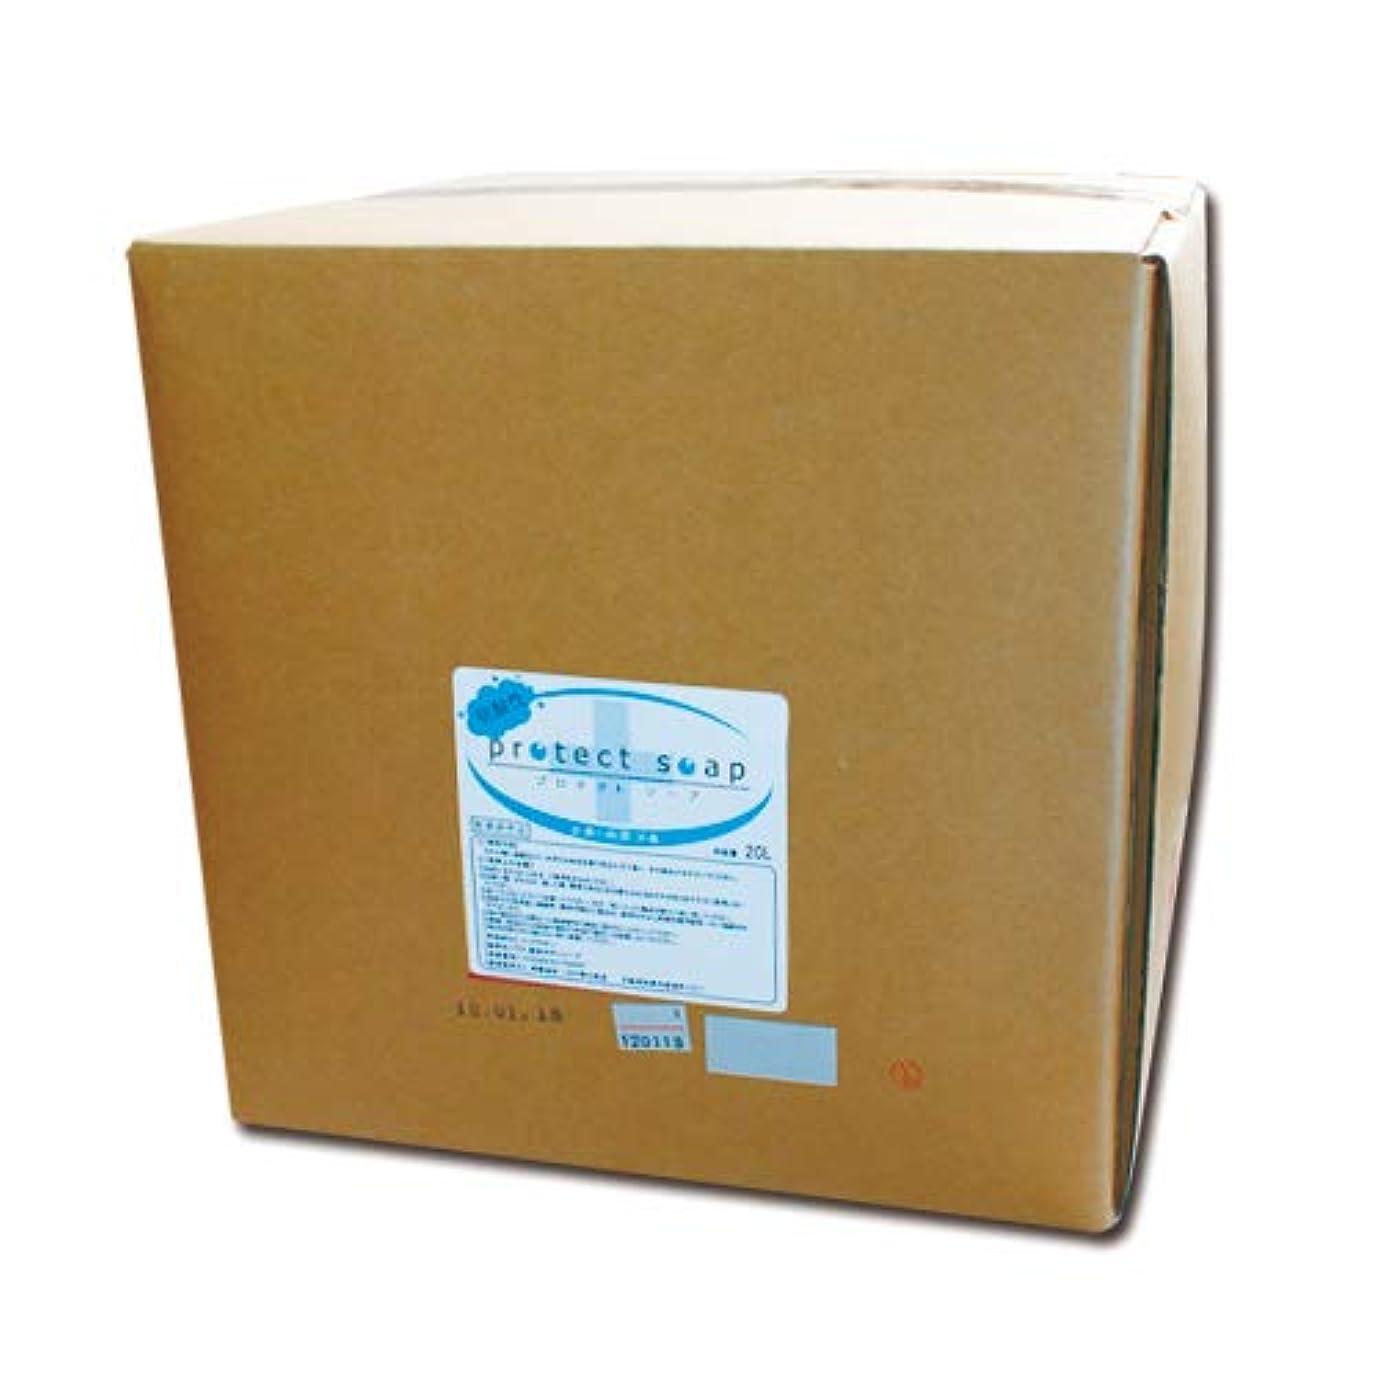 ビートマラドロイトテレックス低刺激弱酸性 液体石鹸 プロテクトソープ 20L 業務用